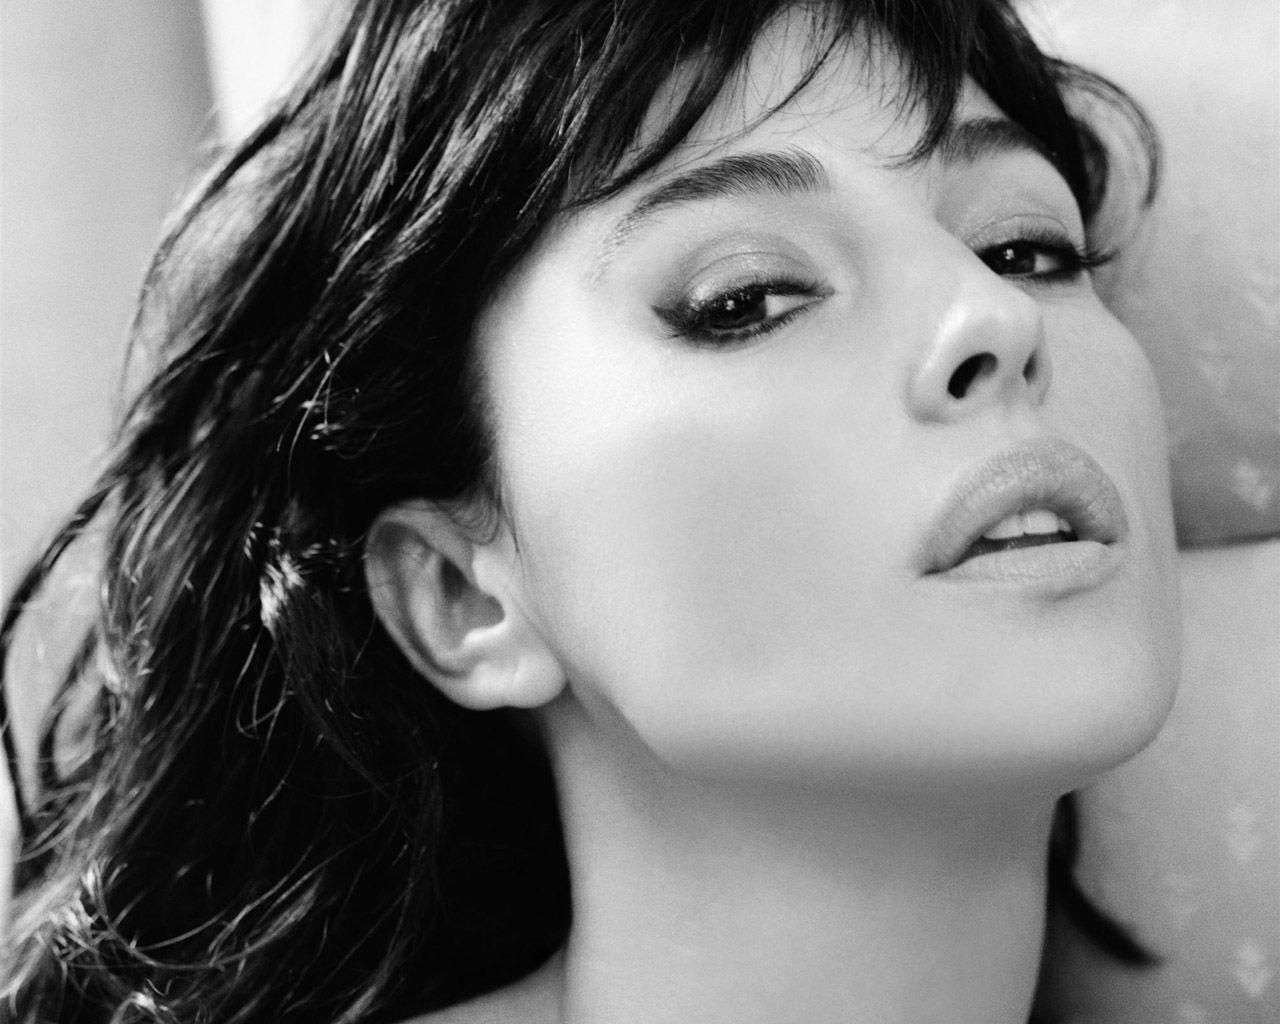 σέξι μαύρες φιλενάδες βίντεο πορνό ντε Κιμ καρντάσταν